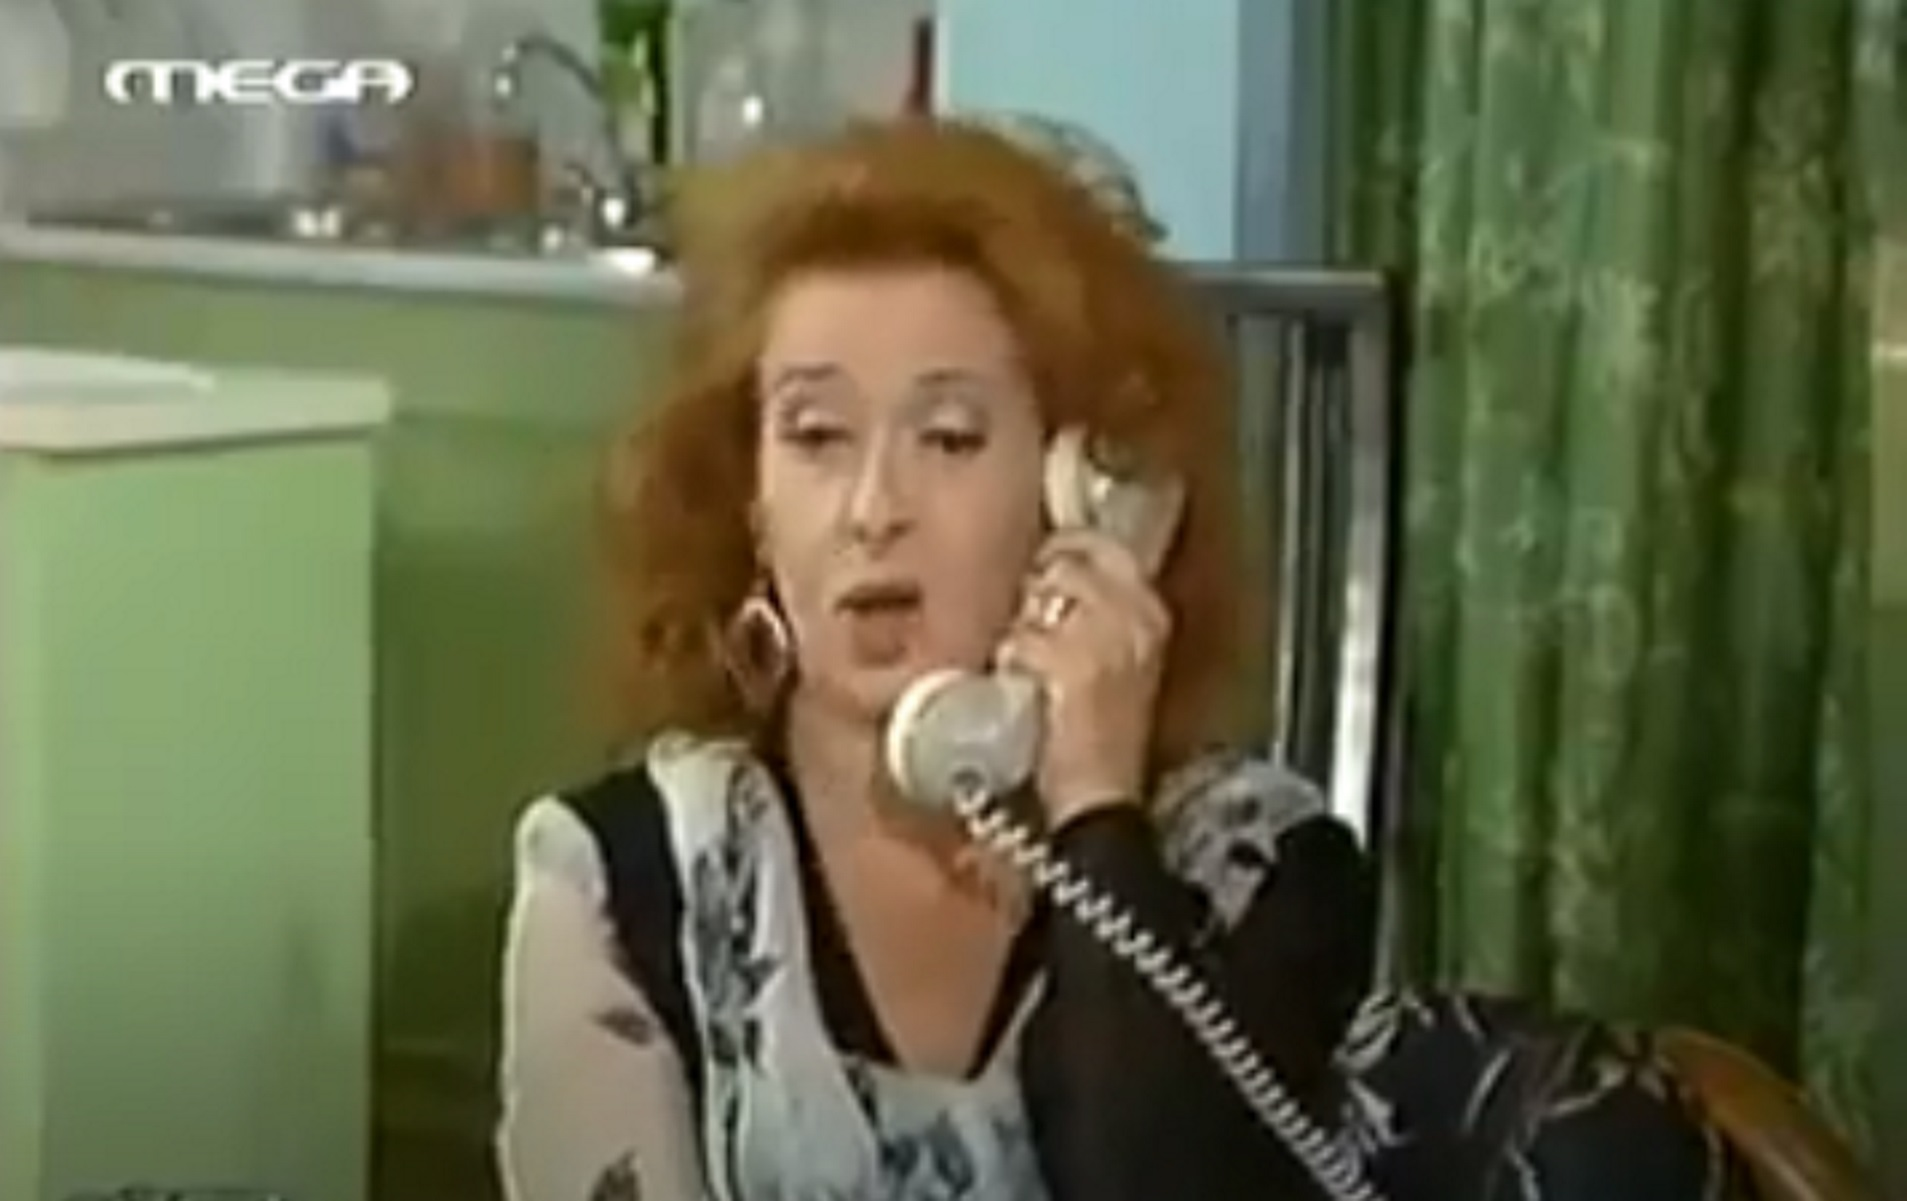 Πέθανε η ηθοποιός Χριστίνα Βαρζοπούλου – Σοκ στον καλλιτεχνικό χώρο